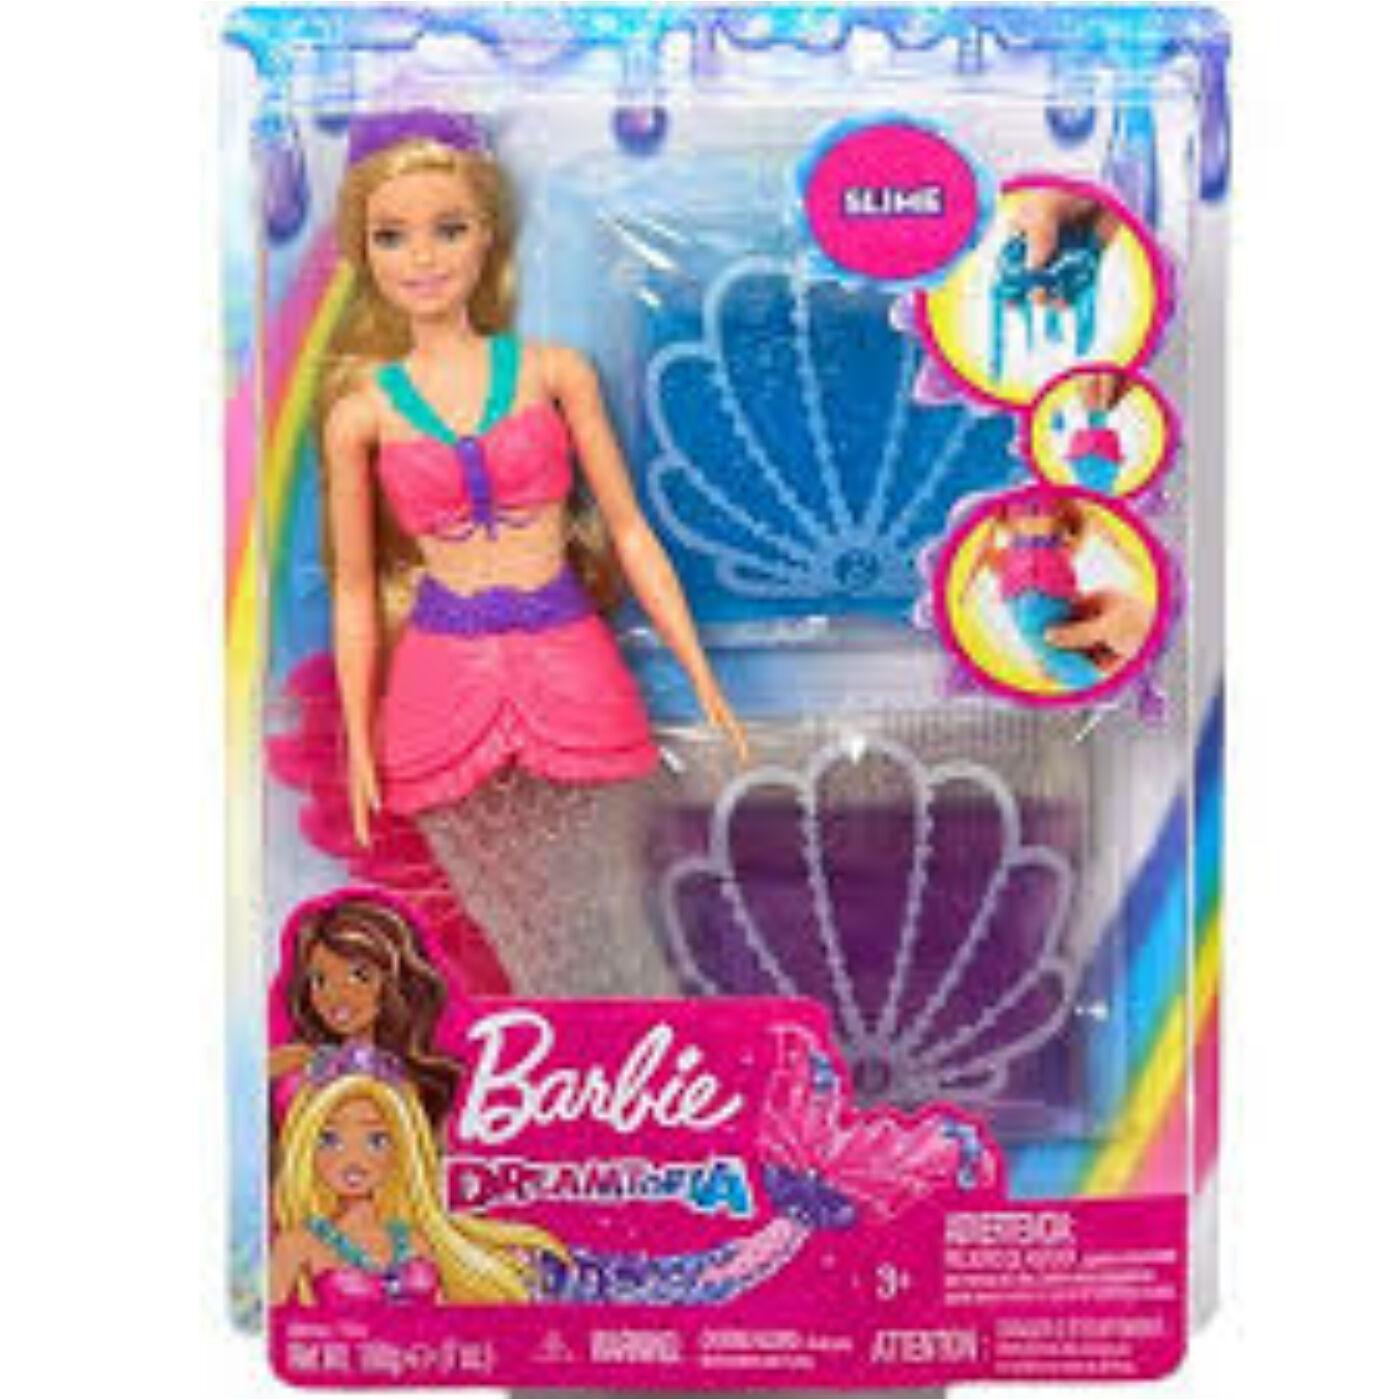 Barbie sellő slime-mal